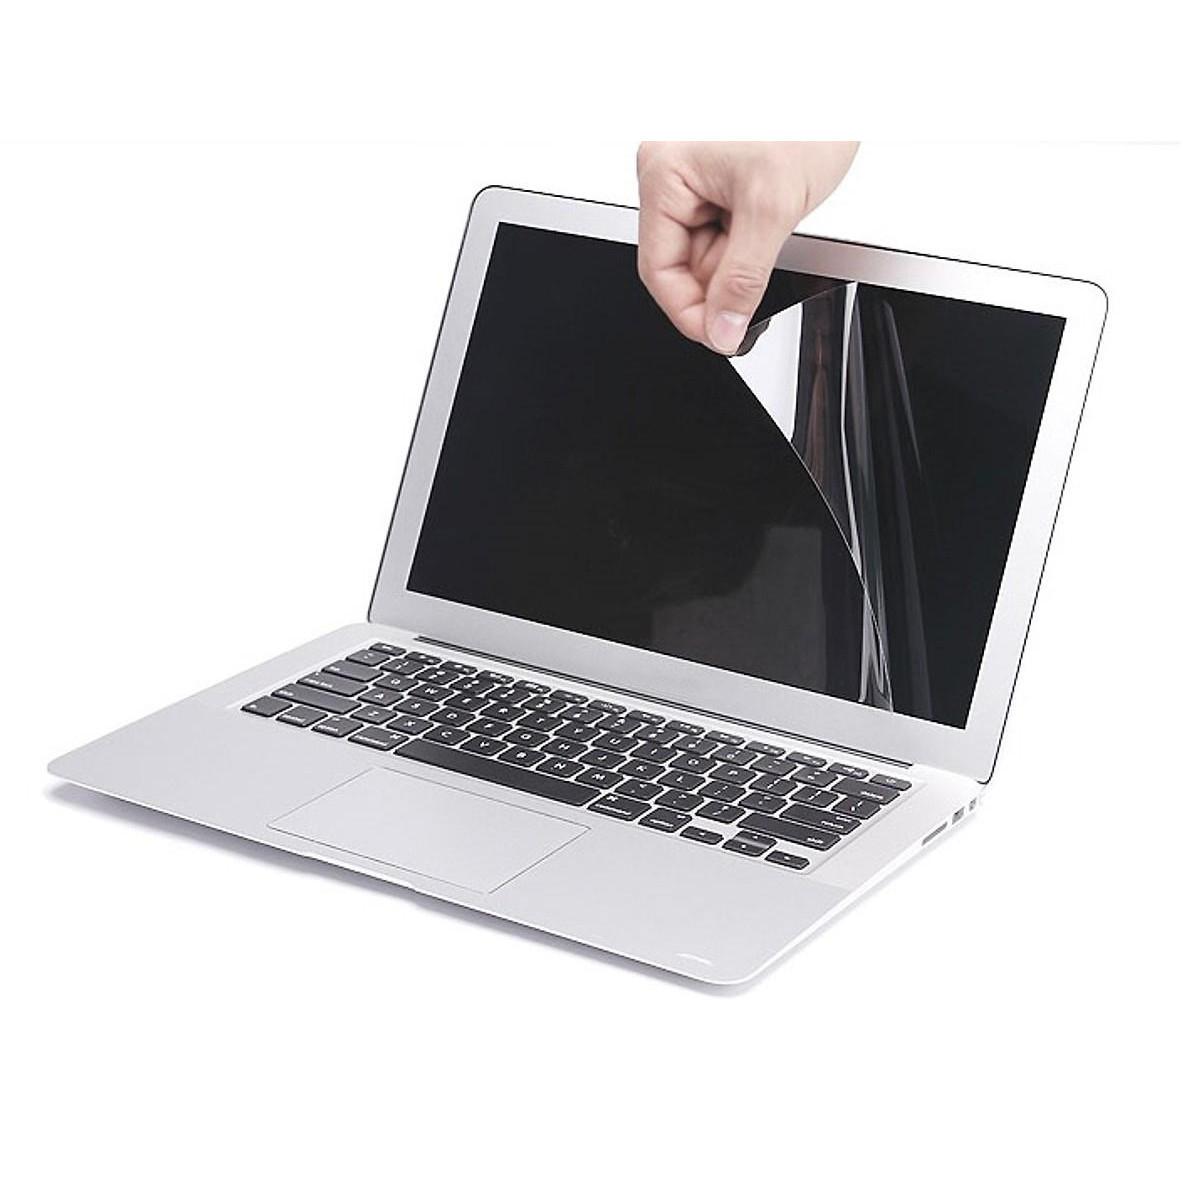 Tấm Dán Chuyên Bảo Vệ Màn Hình Laptop 15,6 inch